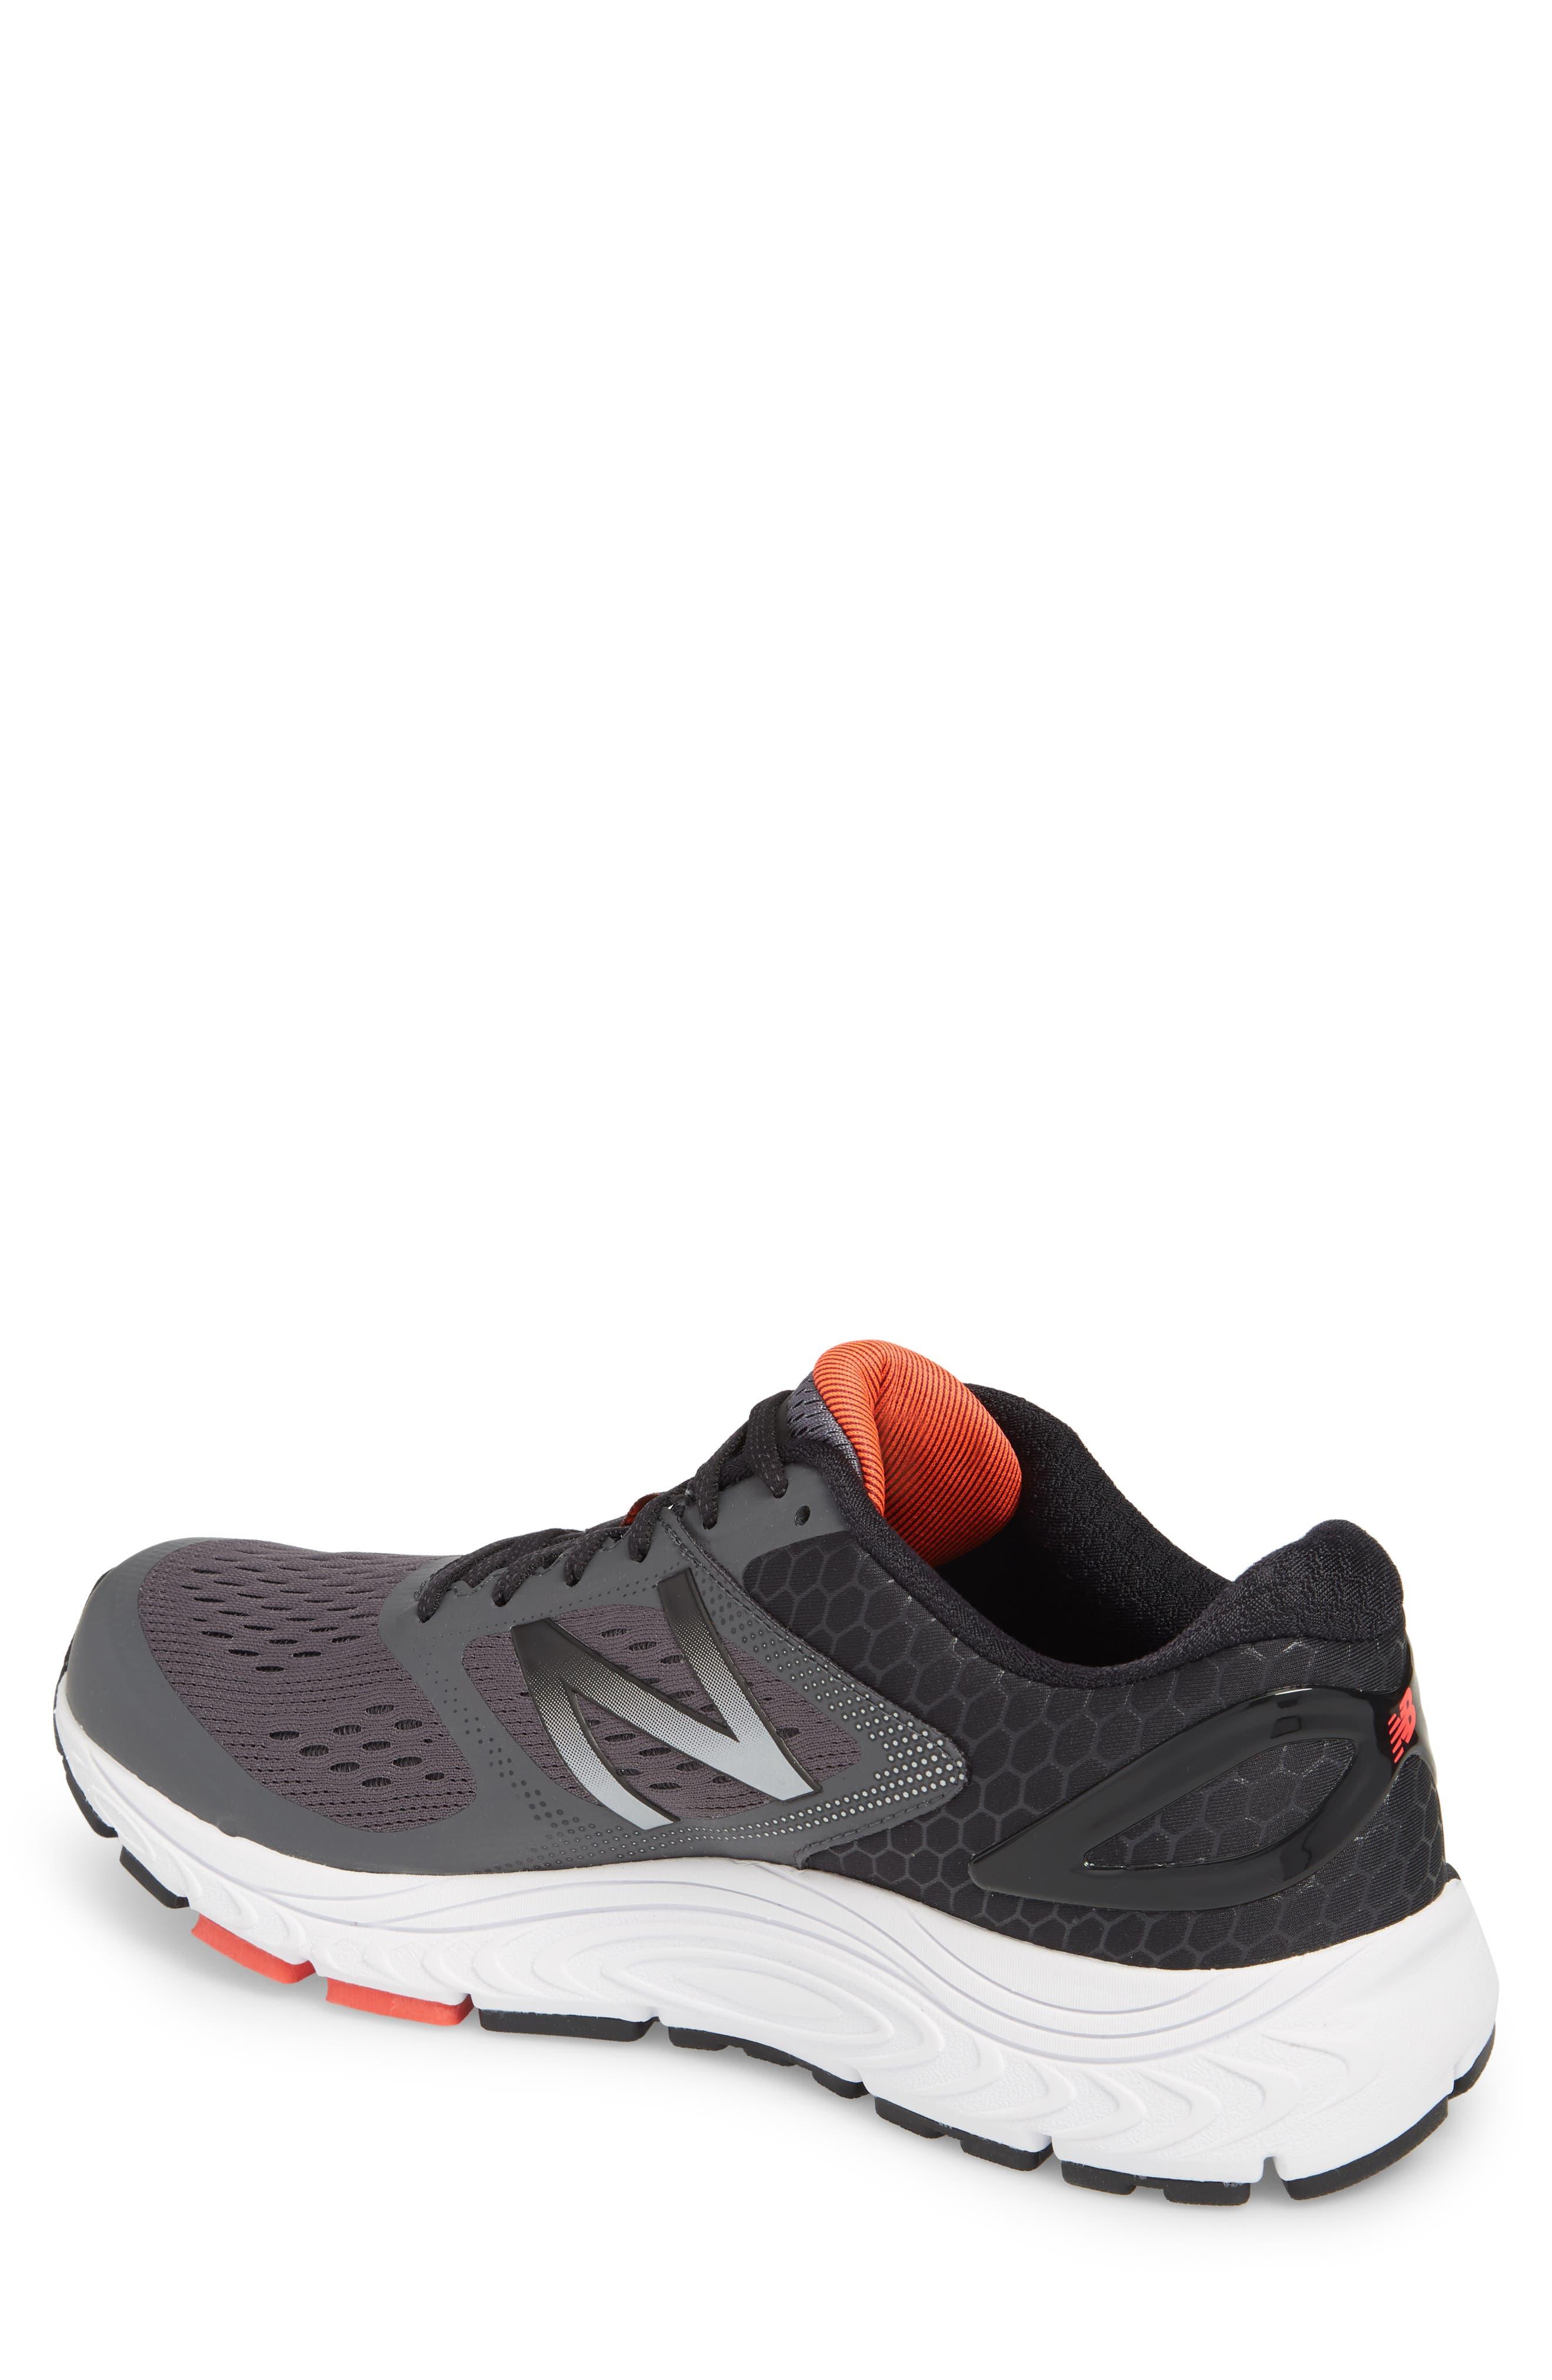 840v4 Running Shoe,                             Alternate thumbnail 2, color,